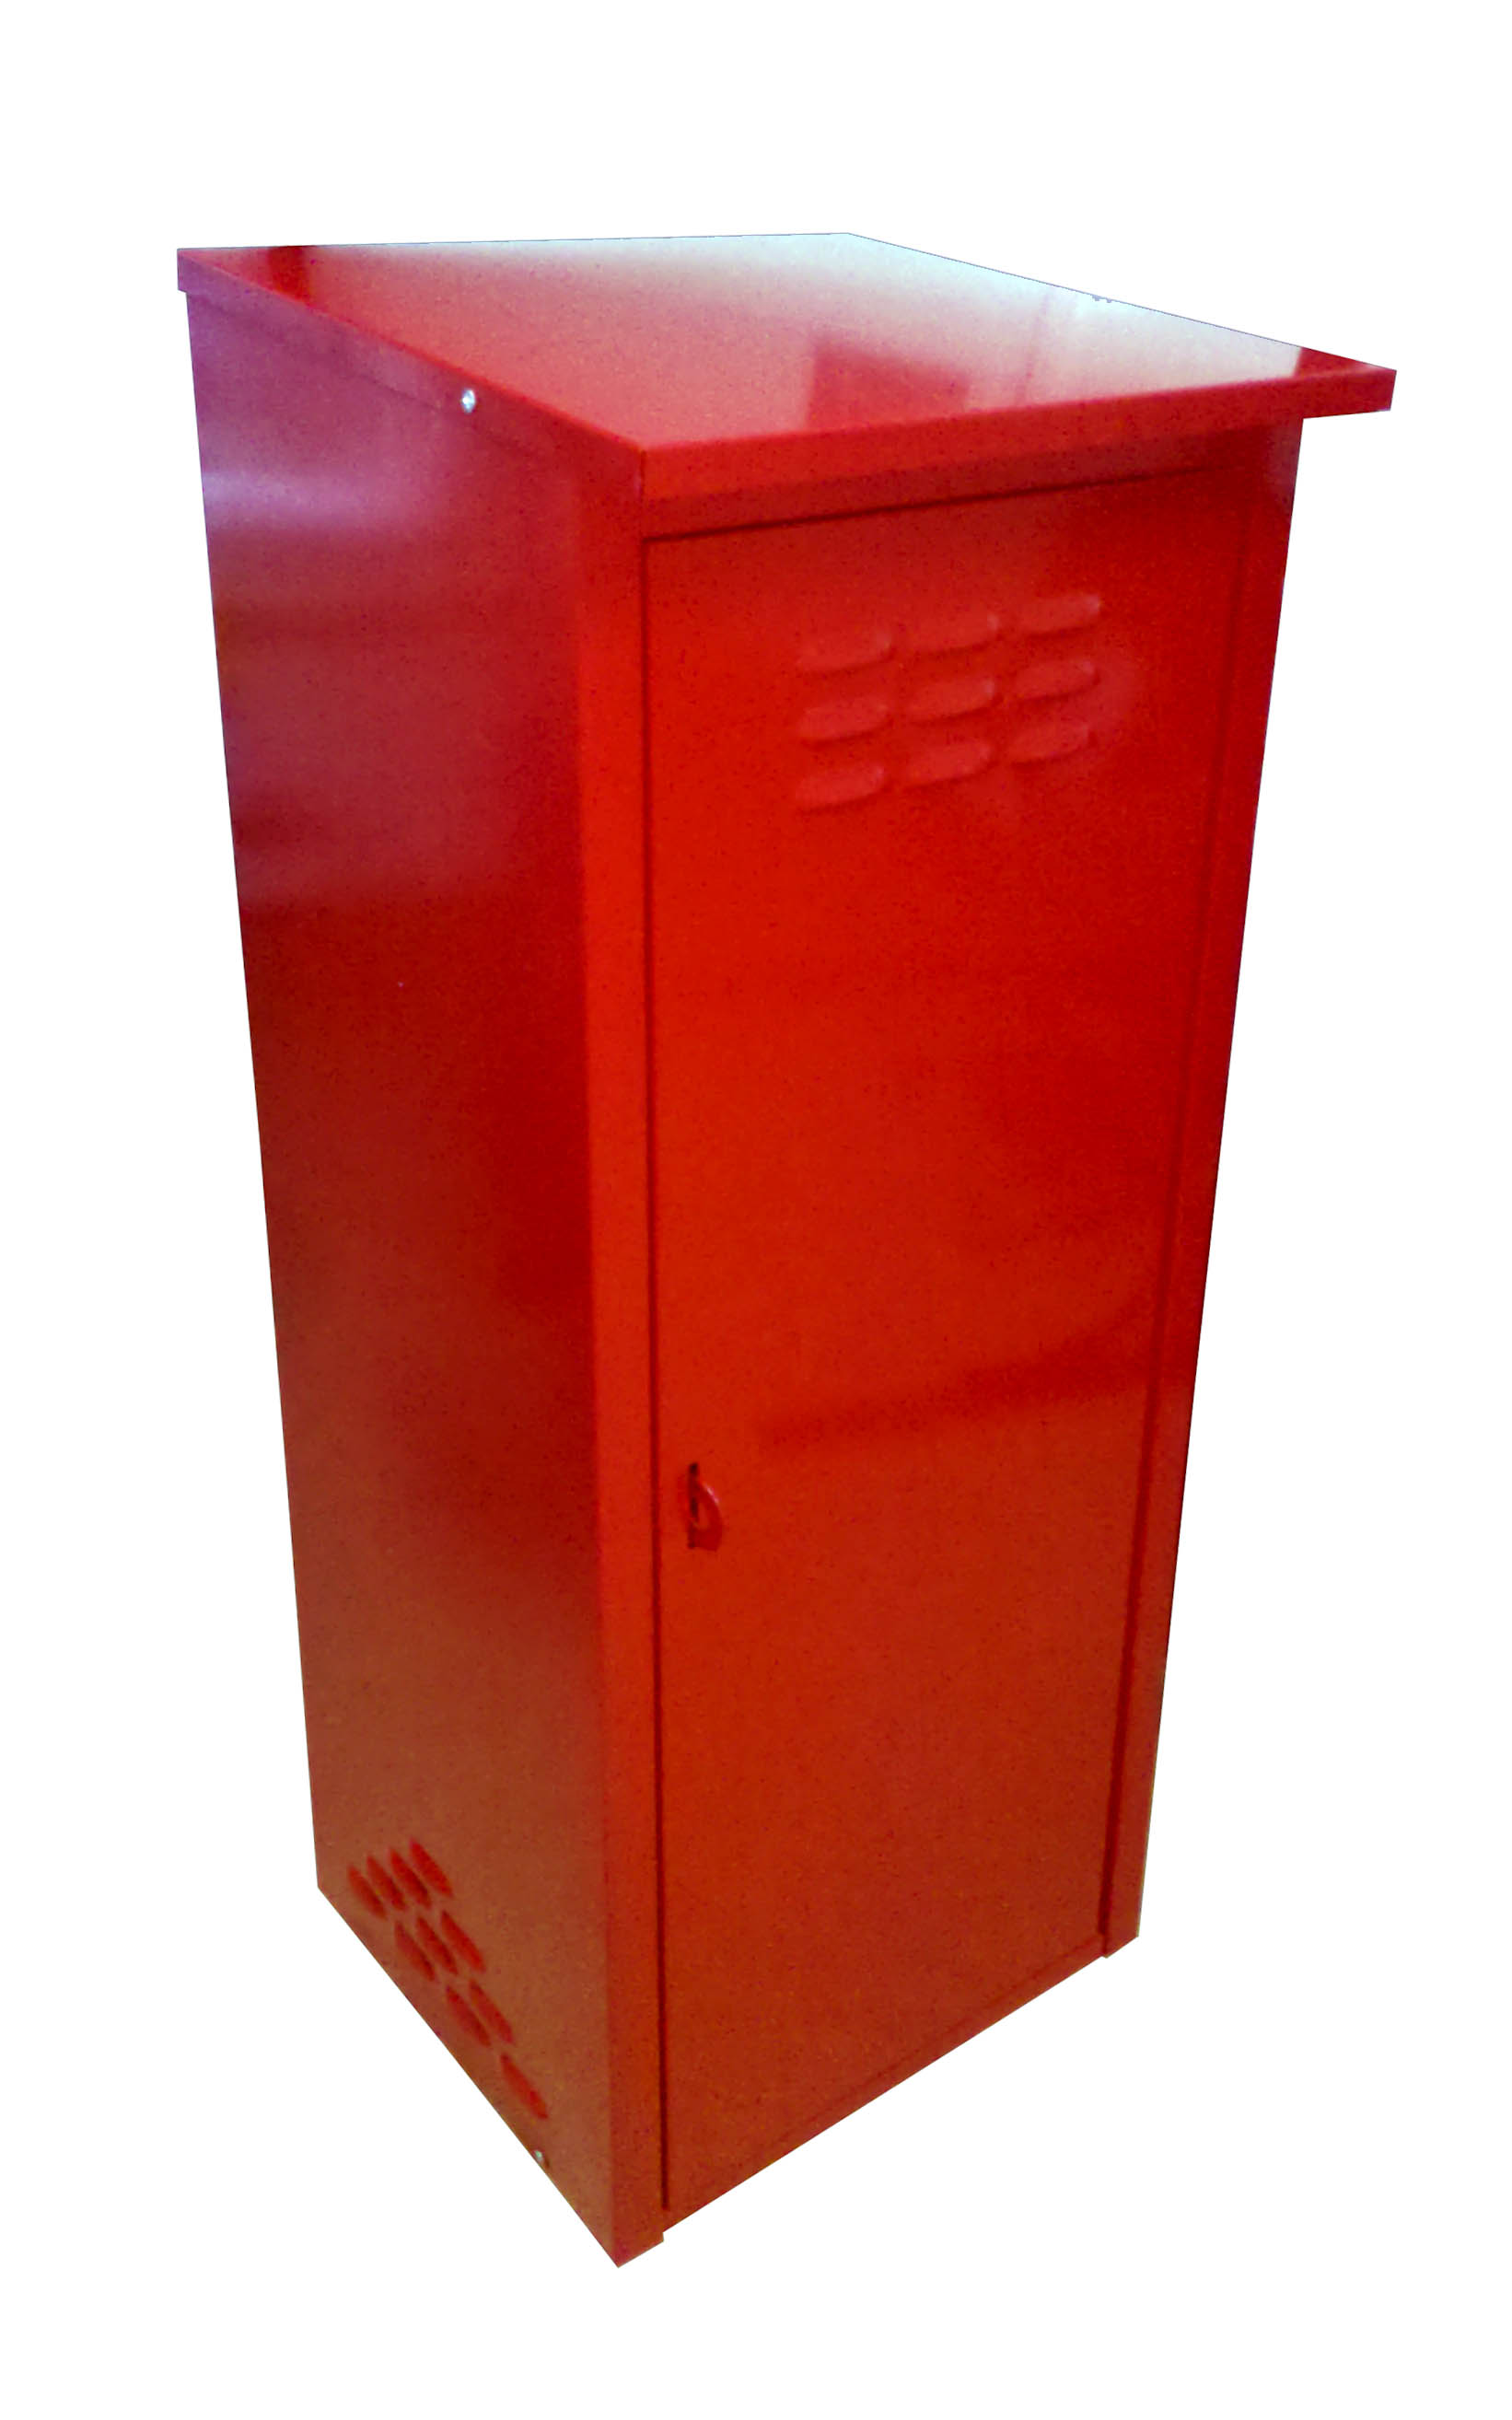 Шкаф для газового баллона, ящик для газа купить в Минске на 14